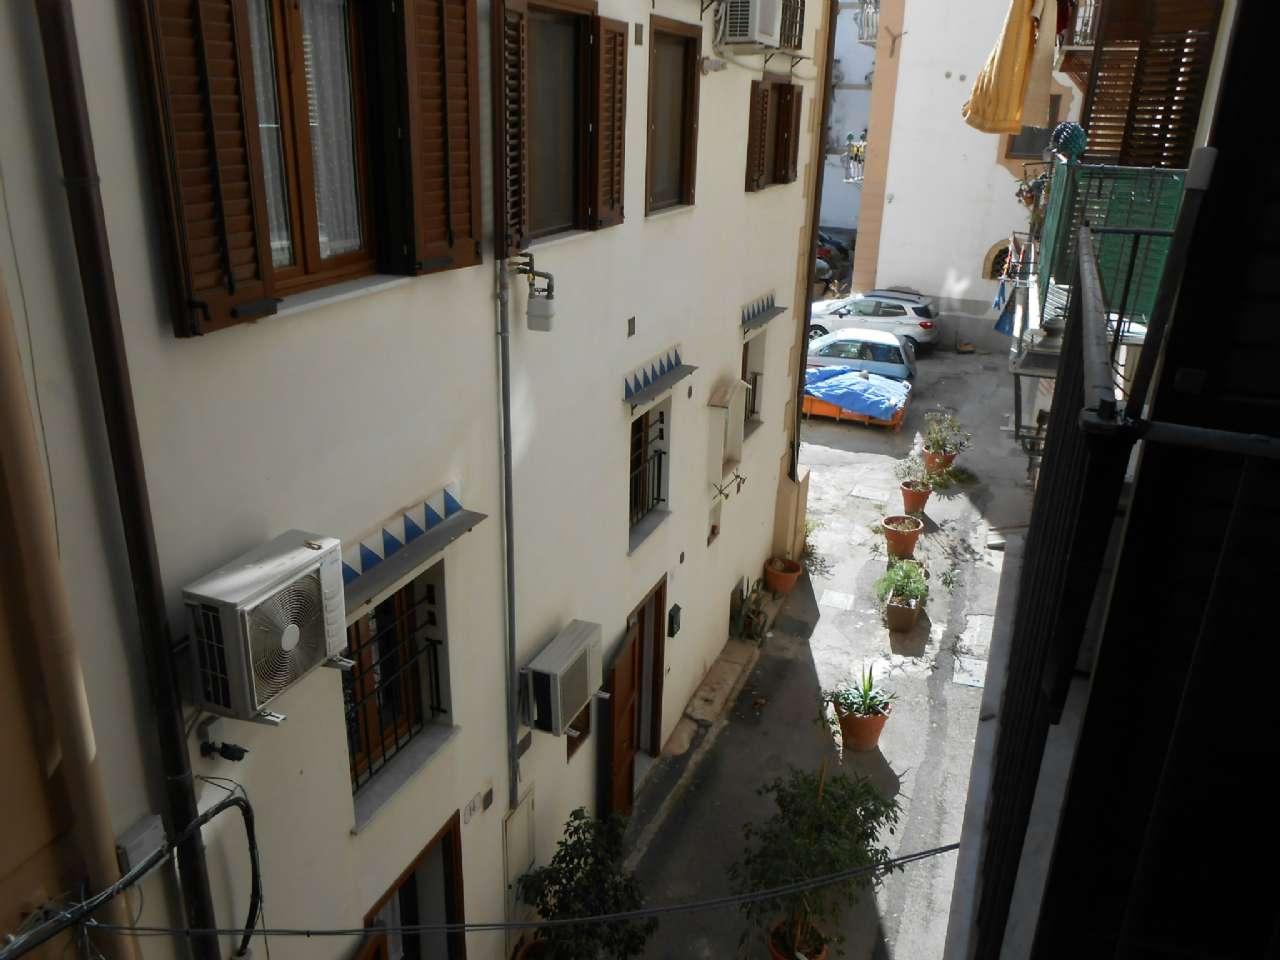 Trilocale, Vicolo del Capraio, centro storico, Palermo, foto 17